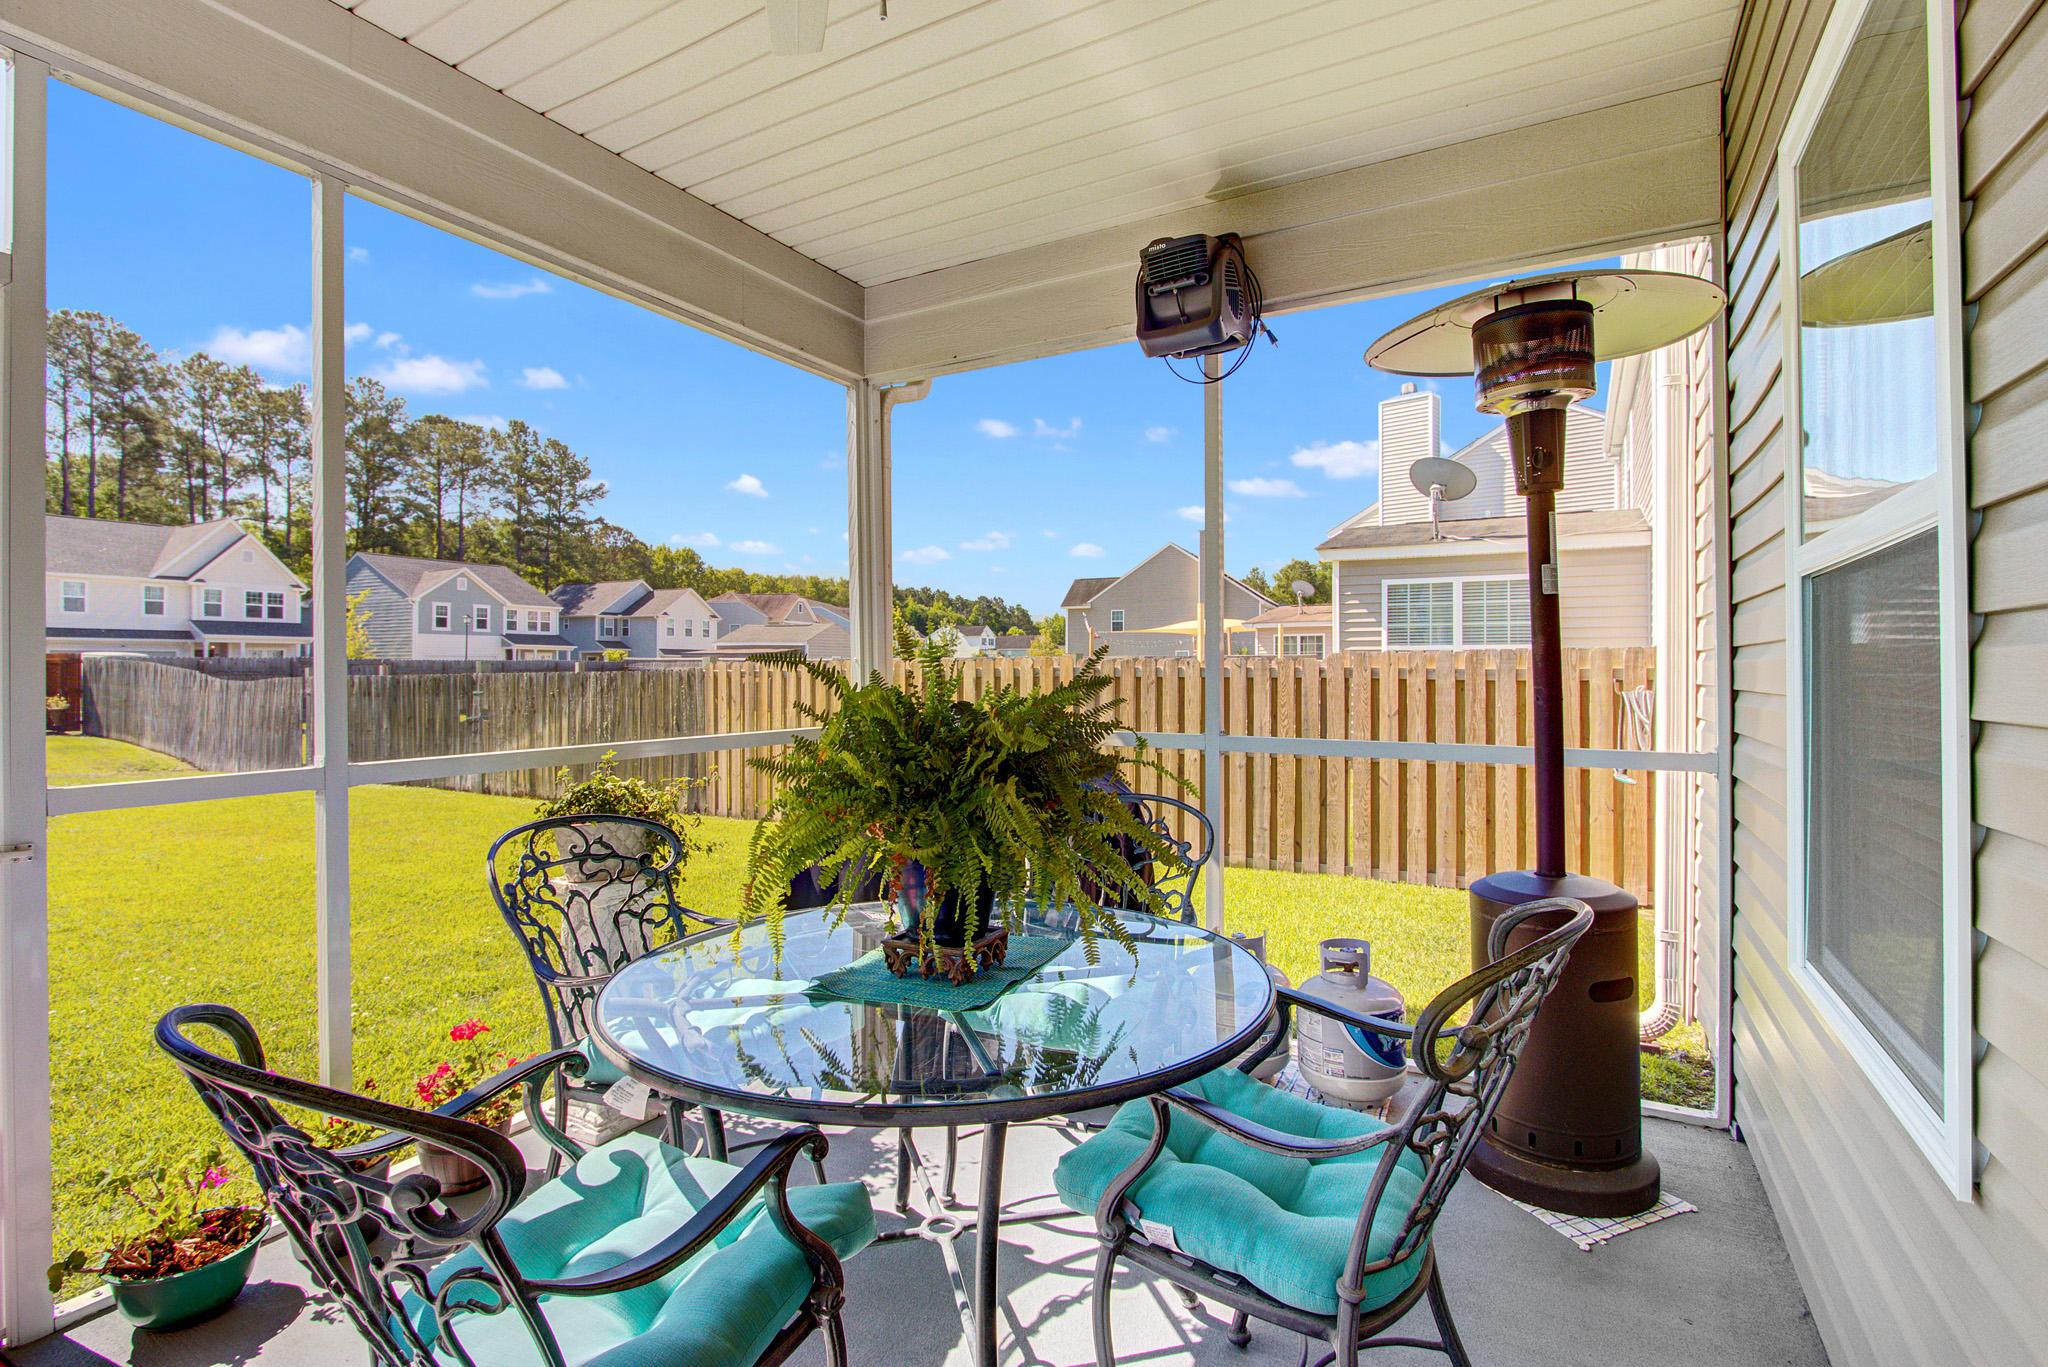 Sunnyfield Homes For Sale - 203 Medford, Summerville, SC - 3